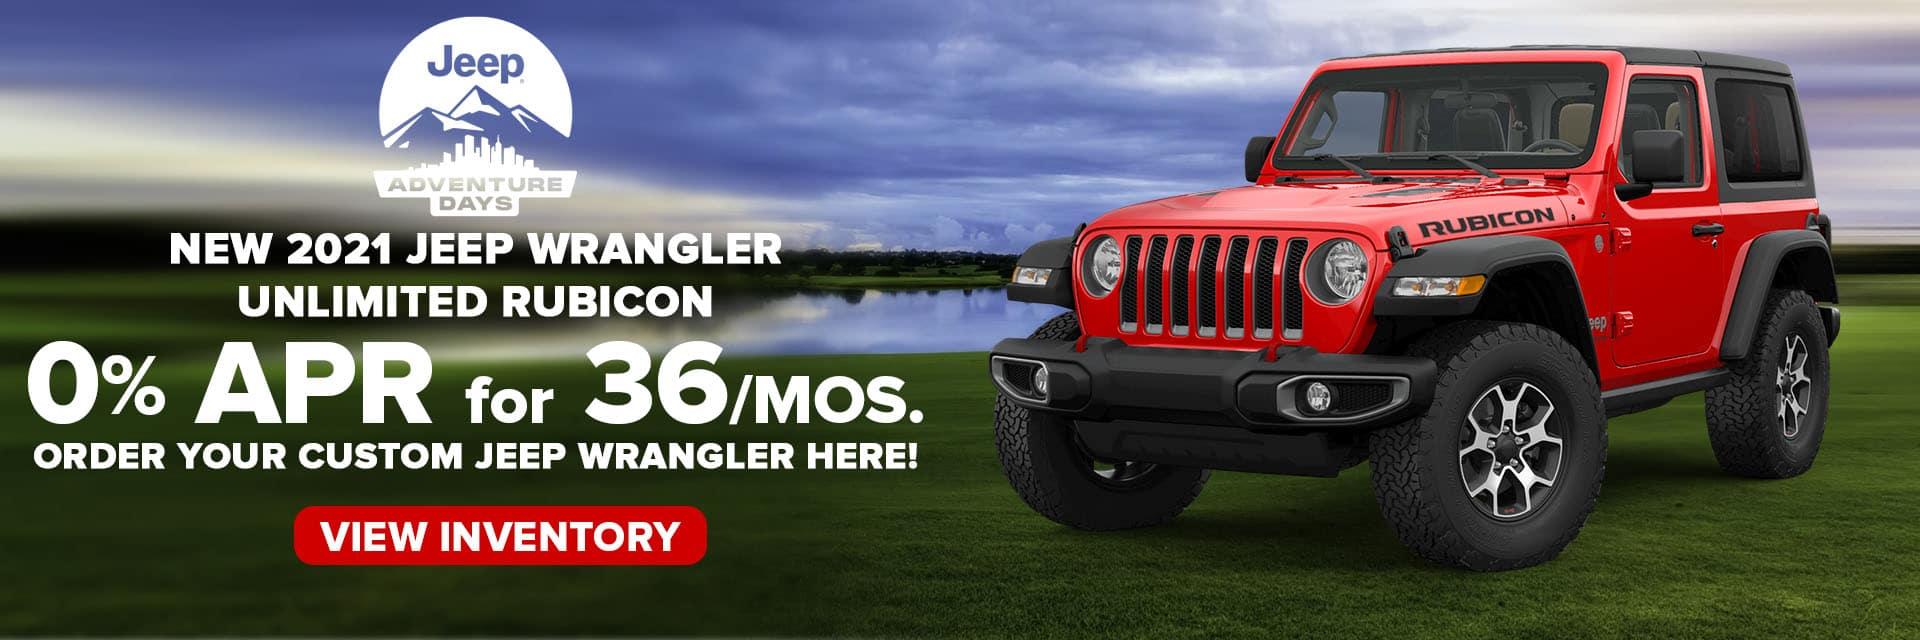 SLCJ-October 2021-2021 Jeep Wrangler copy